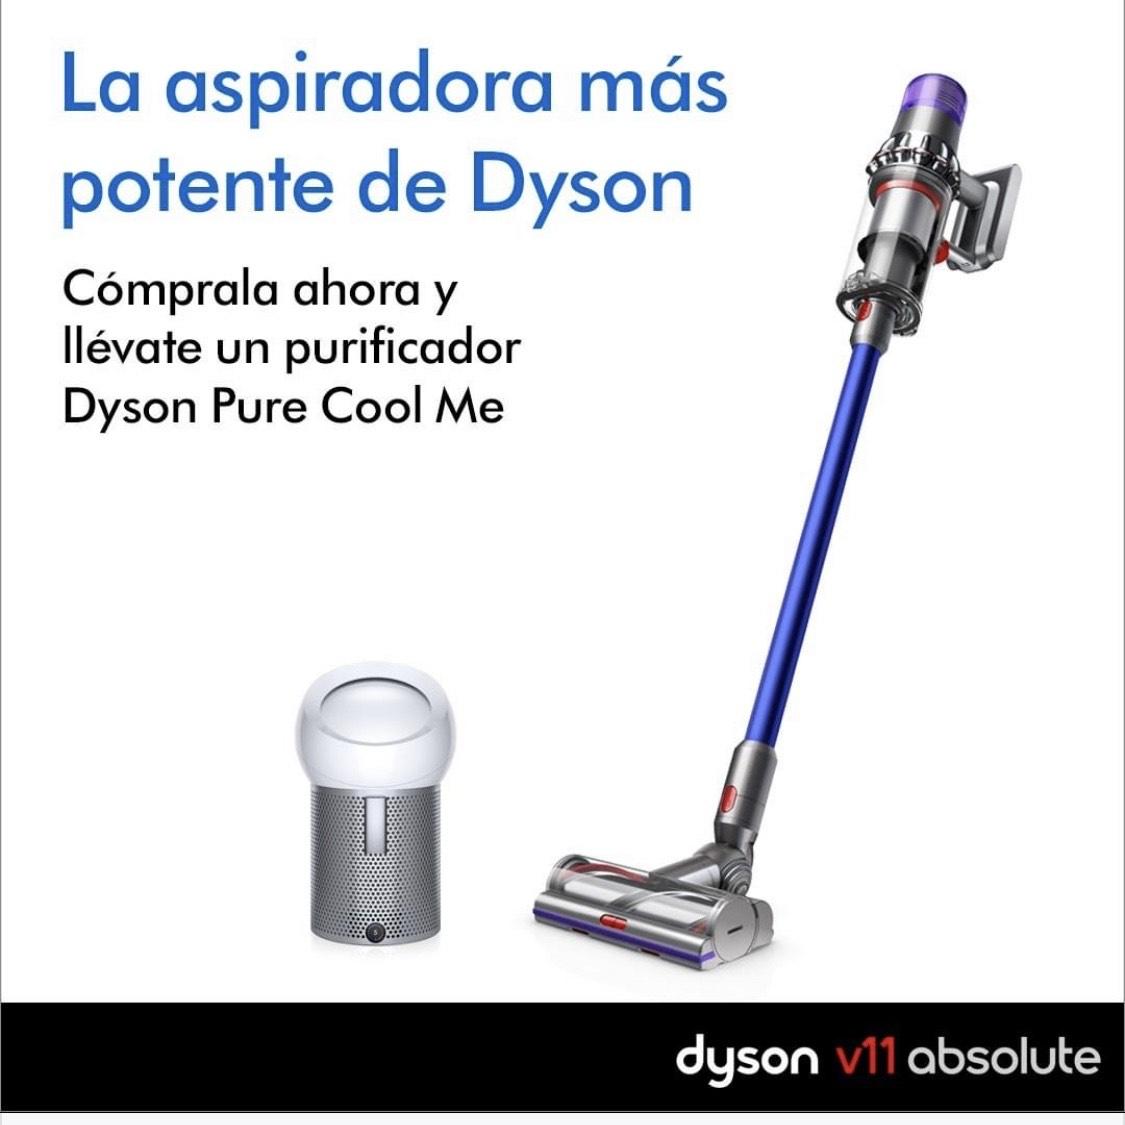 Dyson v11 Absolute + purificador